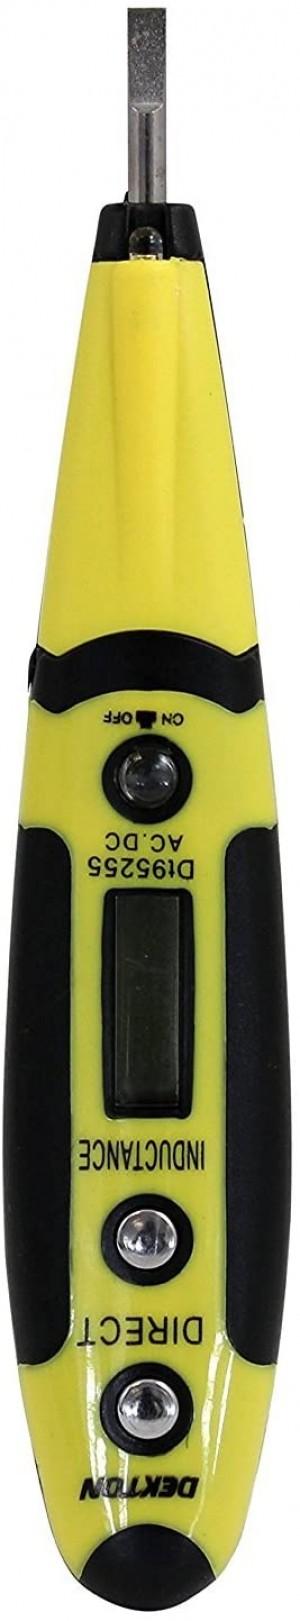 DEKTON DT95255 TESTER DIGITALE DI TENSIONE CON LUCE LED AC/DC 12V A 250V MISURATORE PROFESSIONALE